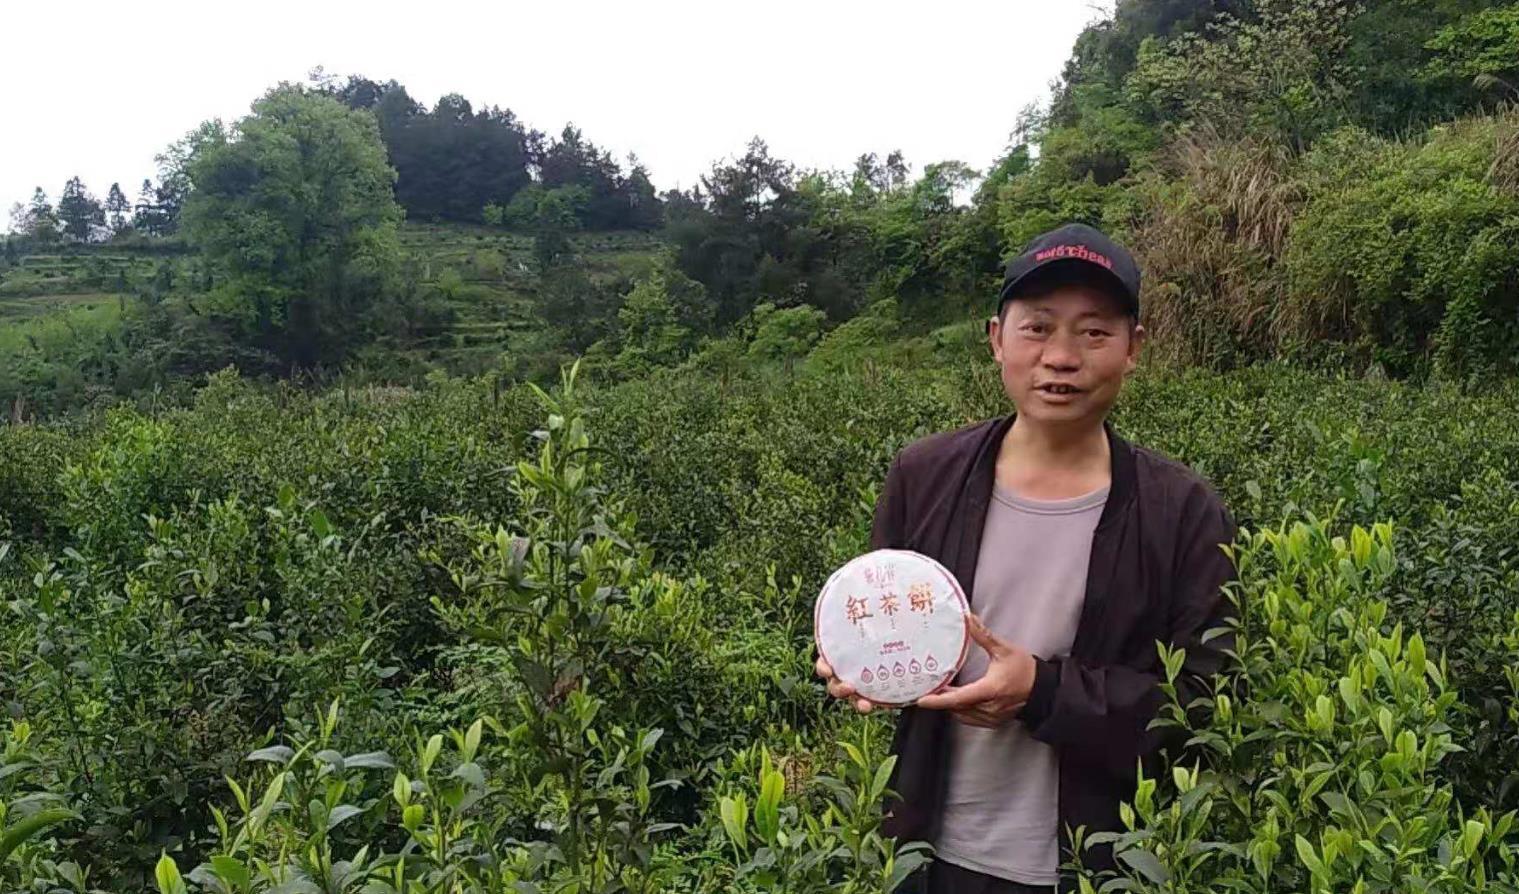 贵州石阡:散茶变茶饼,收入增三倍